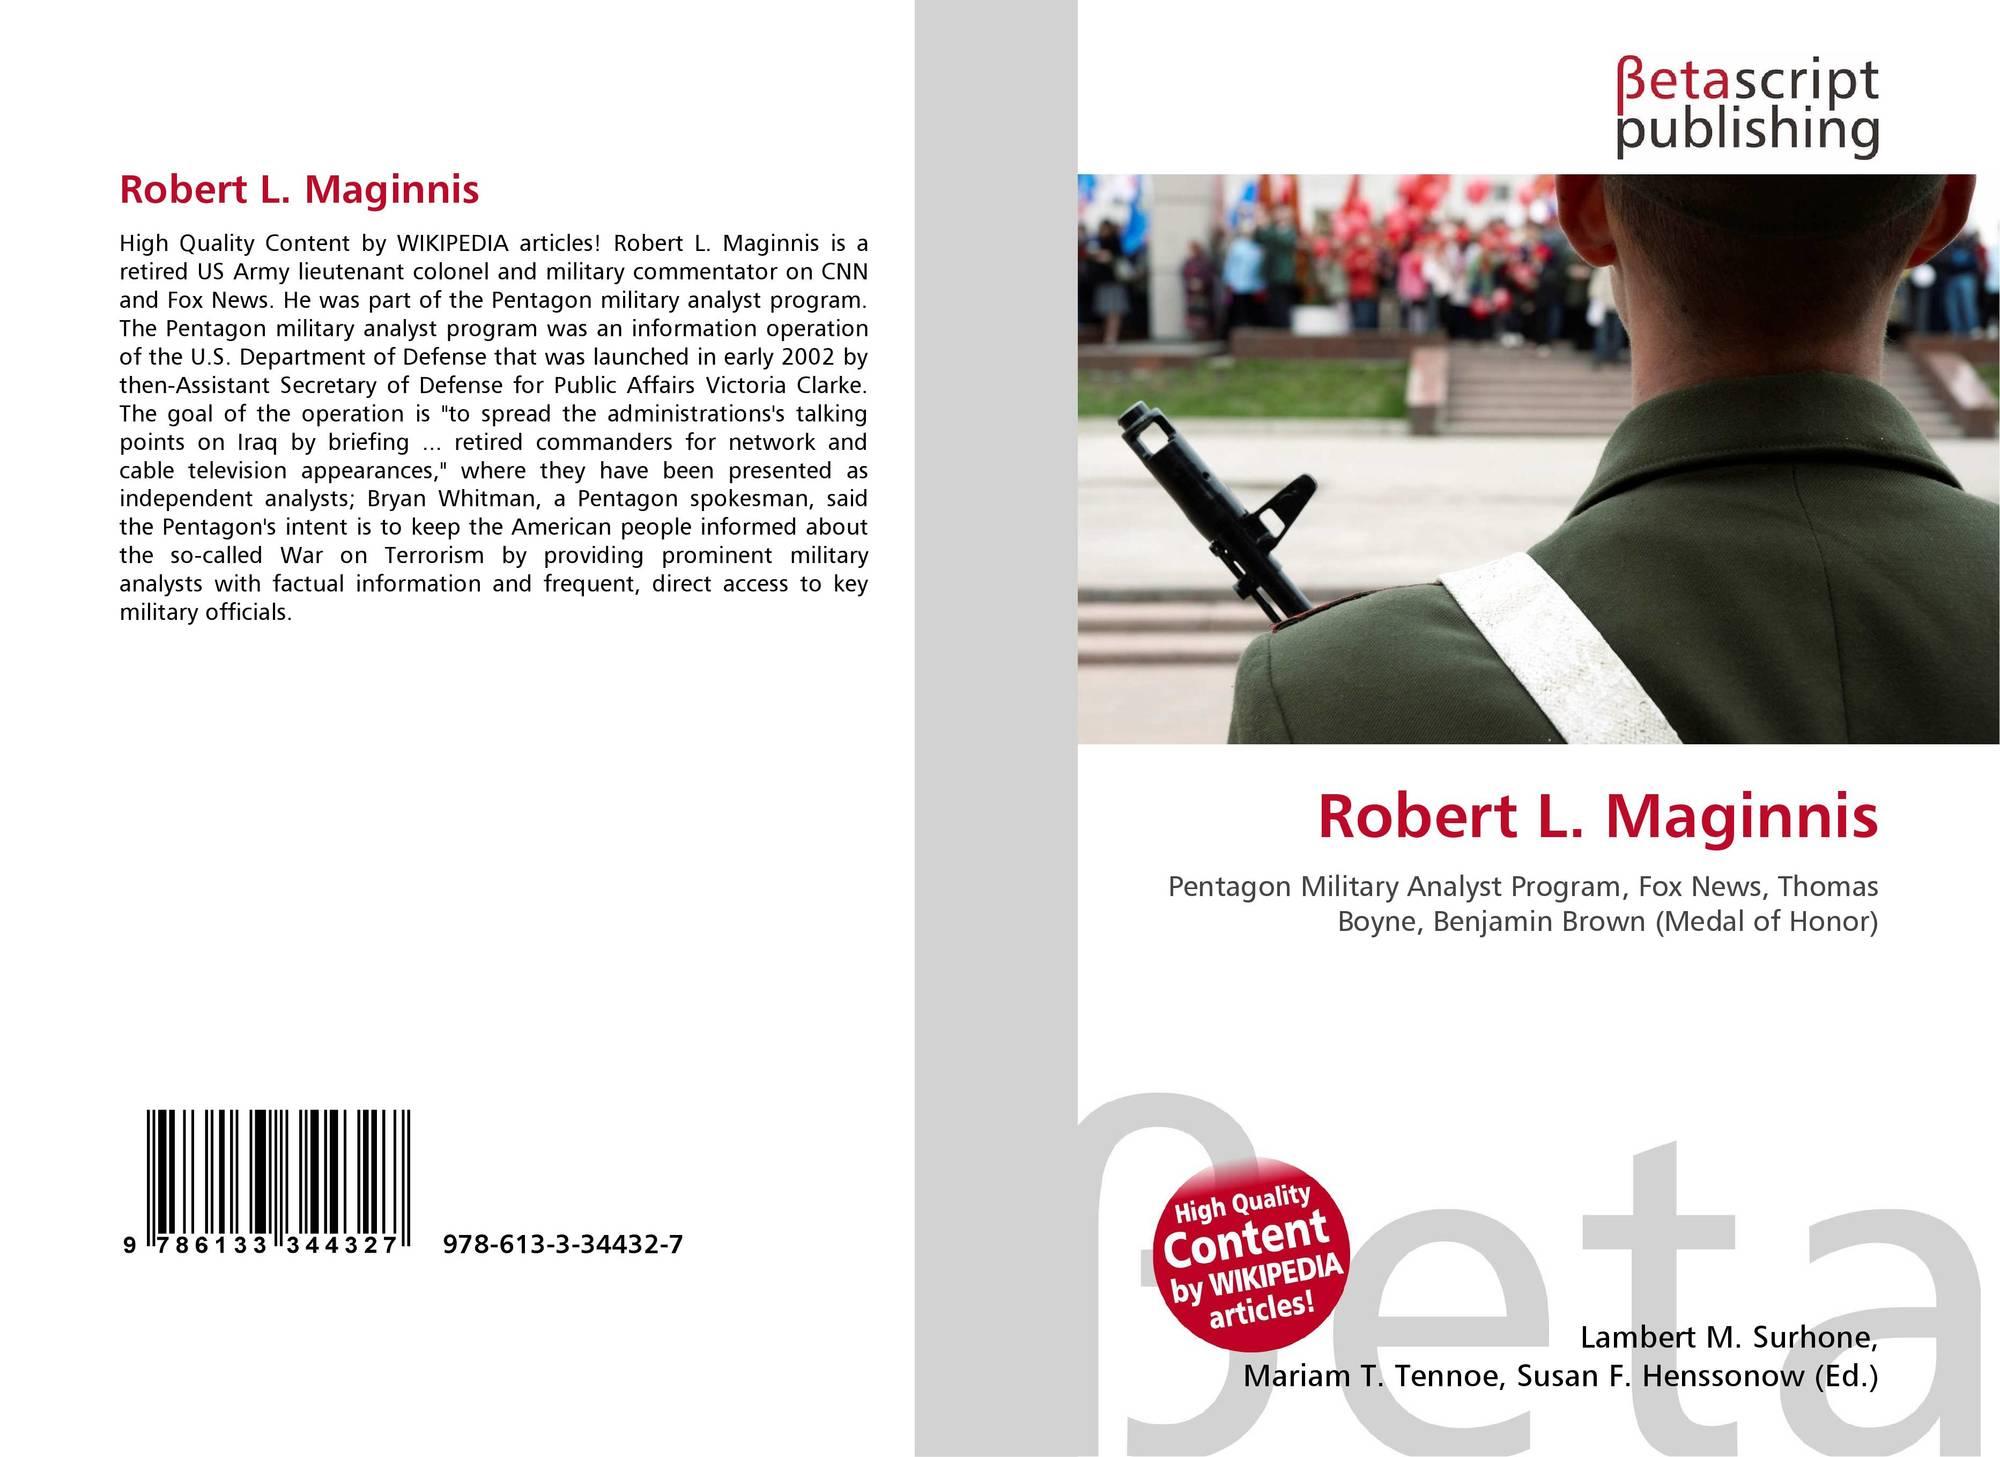 Robert L. Maginnis, 978-613-3-34432-7, 6133344326 ,9786133344327